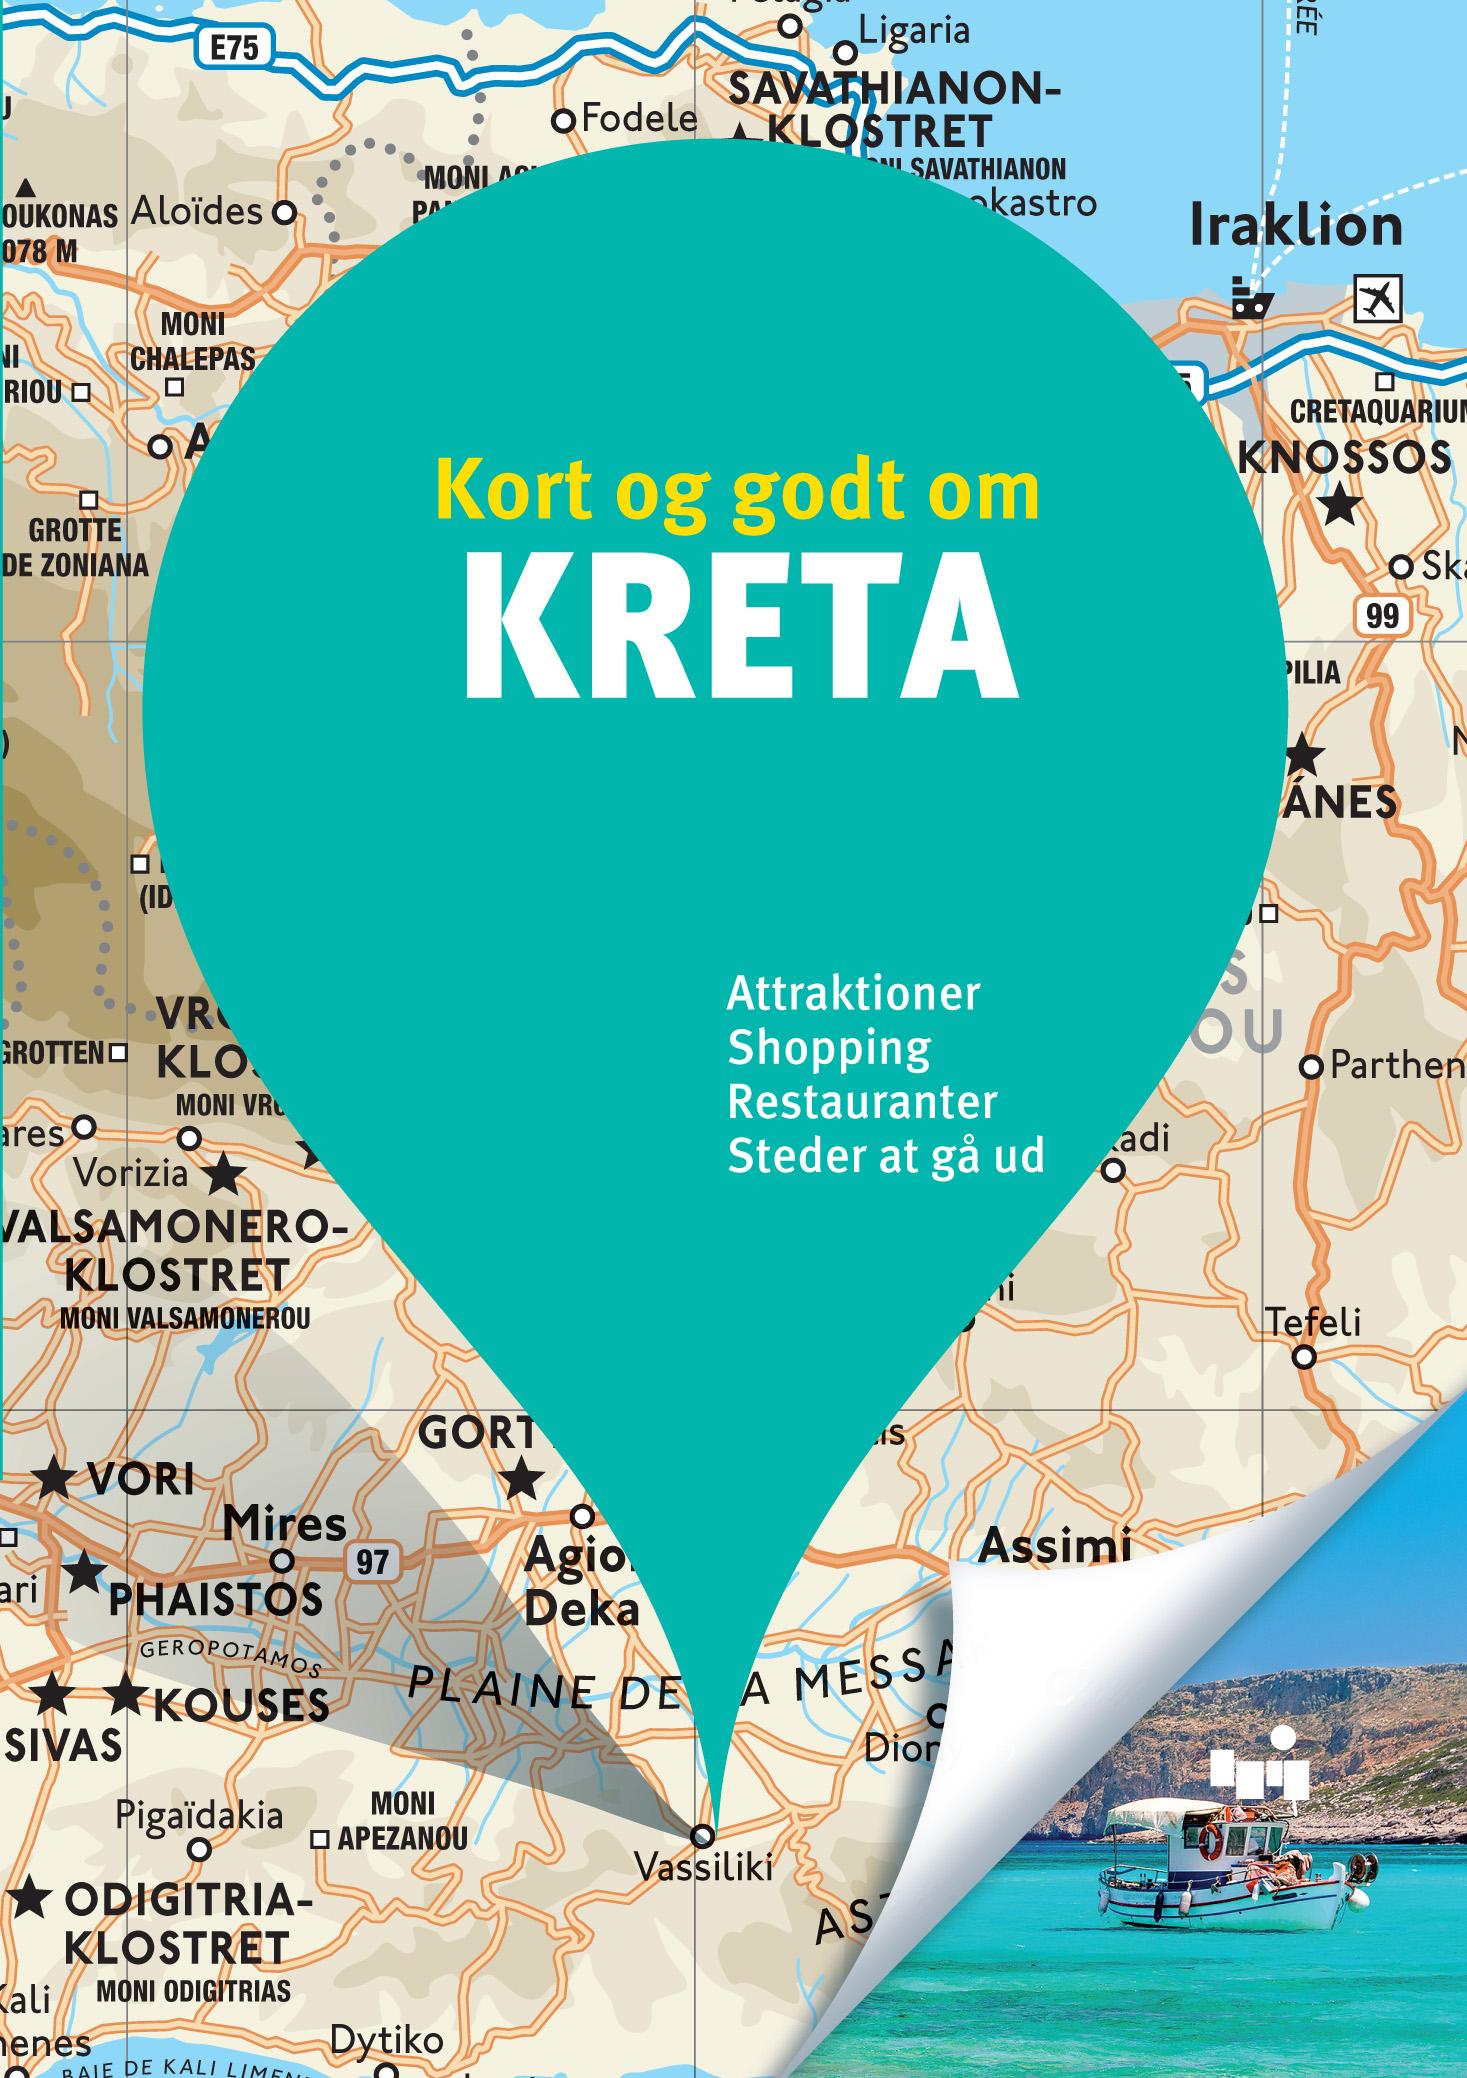 Kort og godt om Kreta